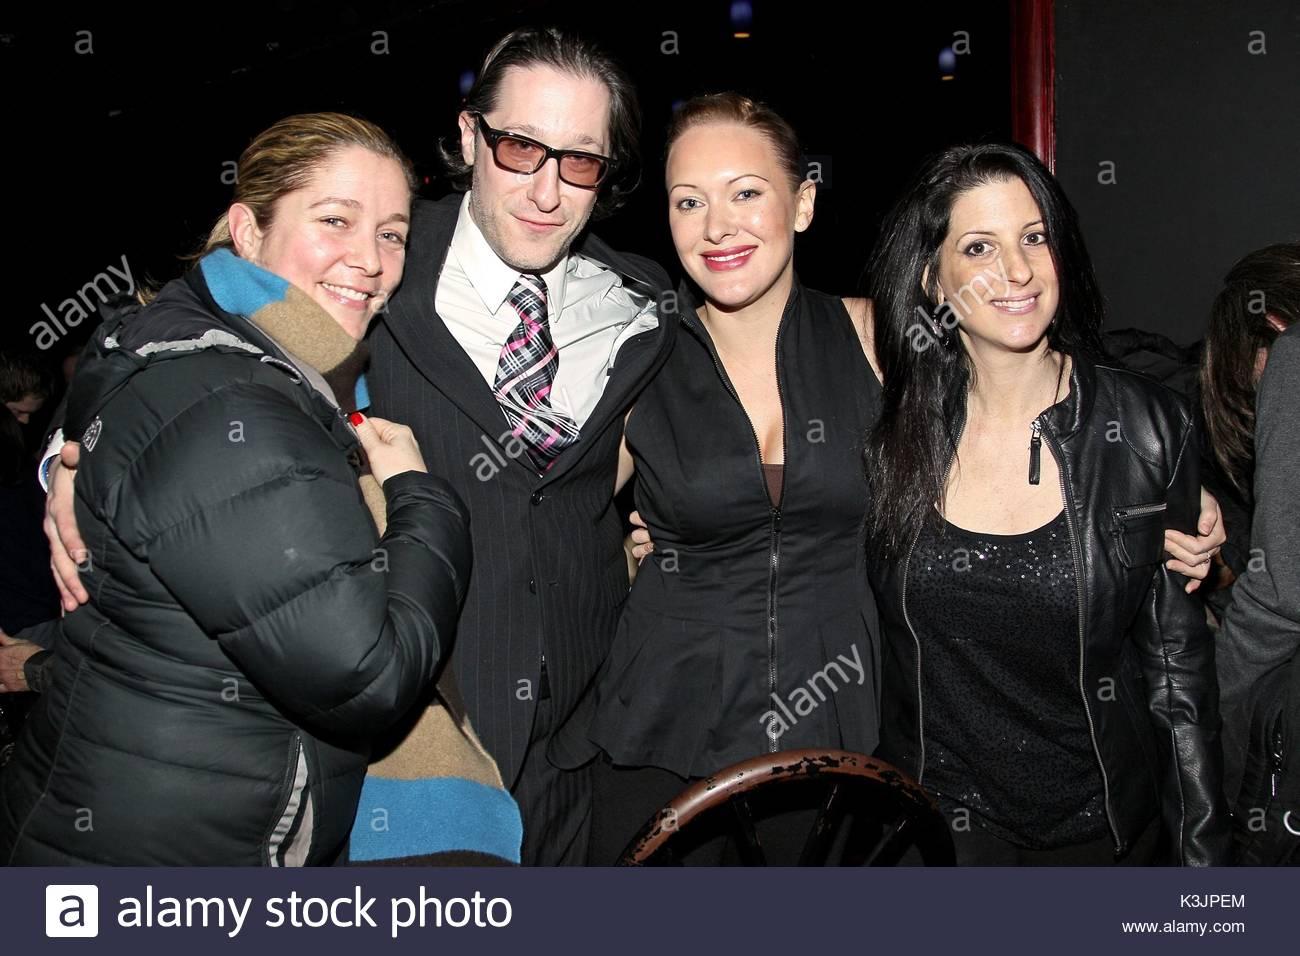 Monica Mattos Erotic pics & movies Eugenie Besserer,Madeline Kahn